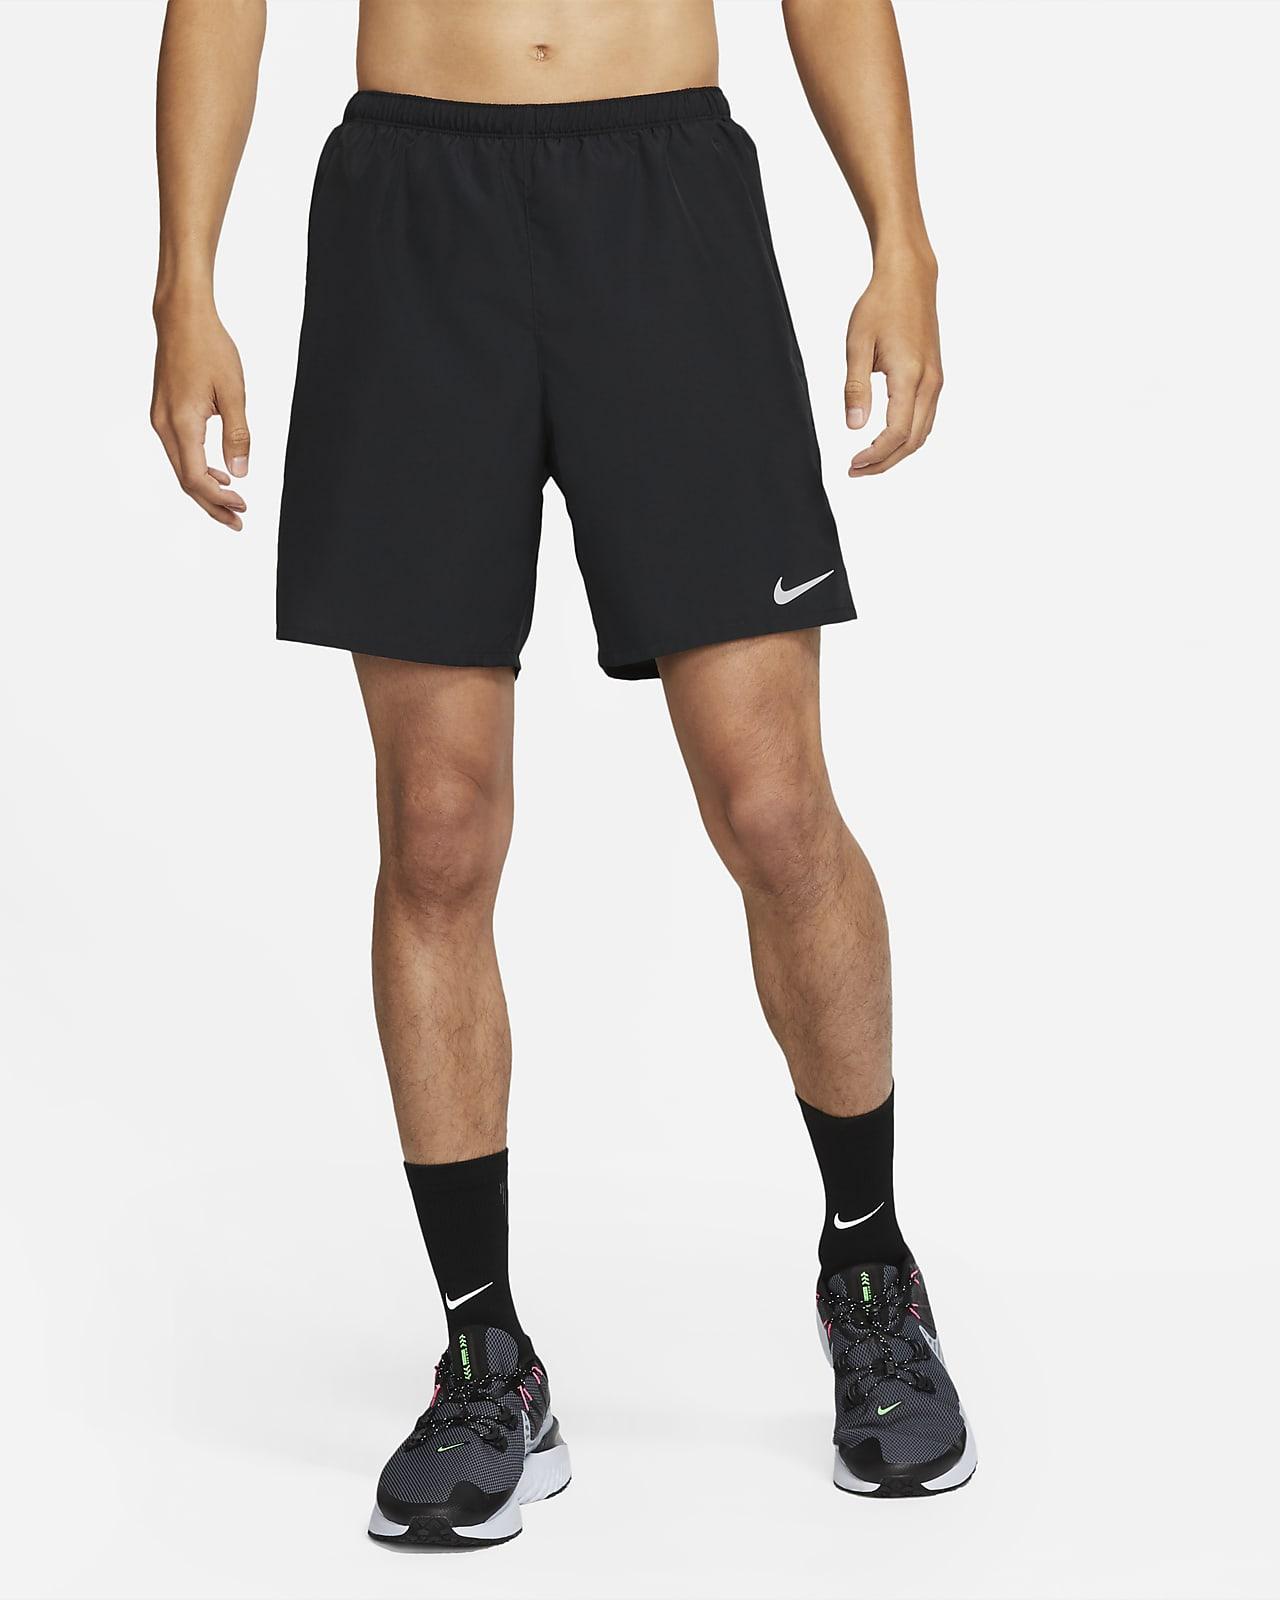 กางเกงวิ่งขาสั้น 2-in-1 ผู้ชาย Nike Challenger